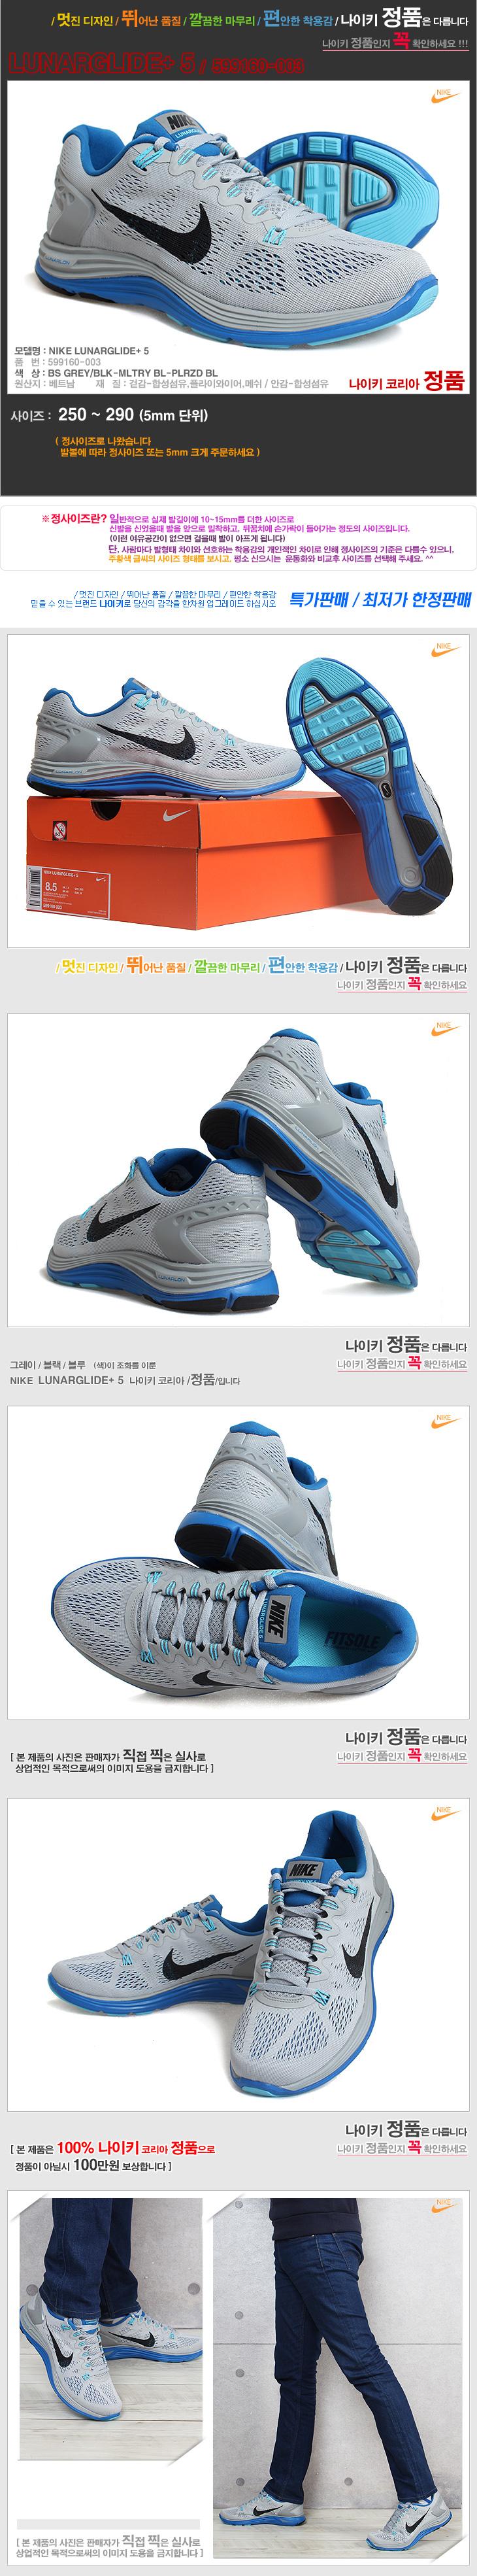 hot sale online b03d4 46e77 ... 599160003-0.jpg ...